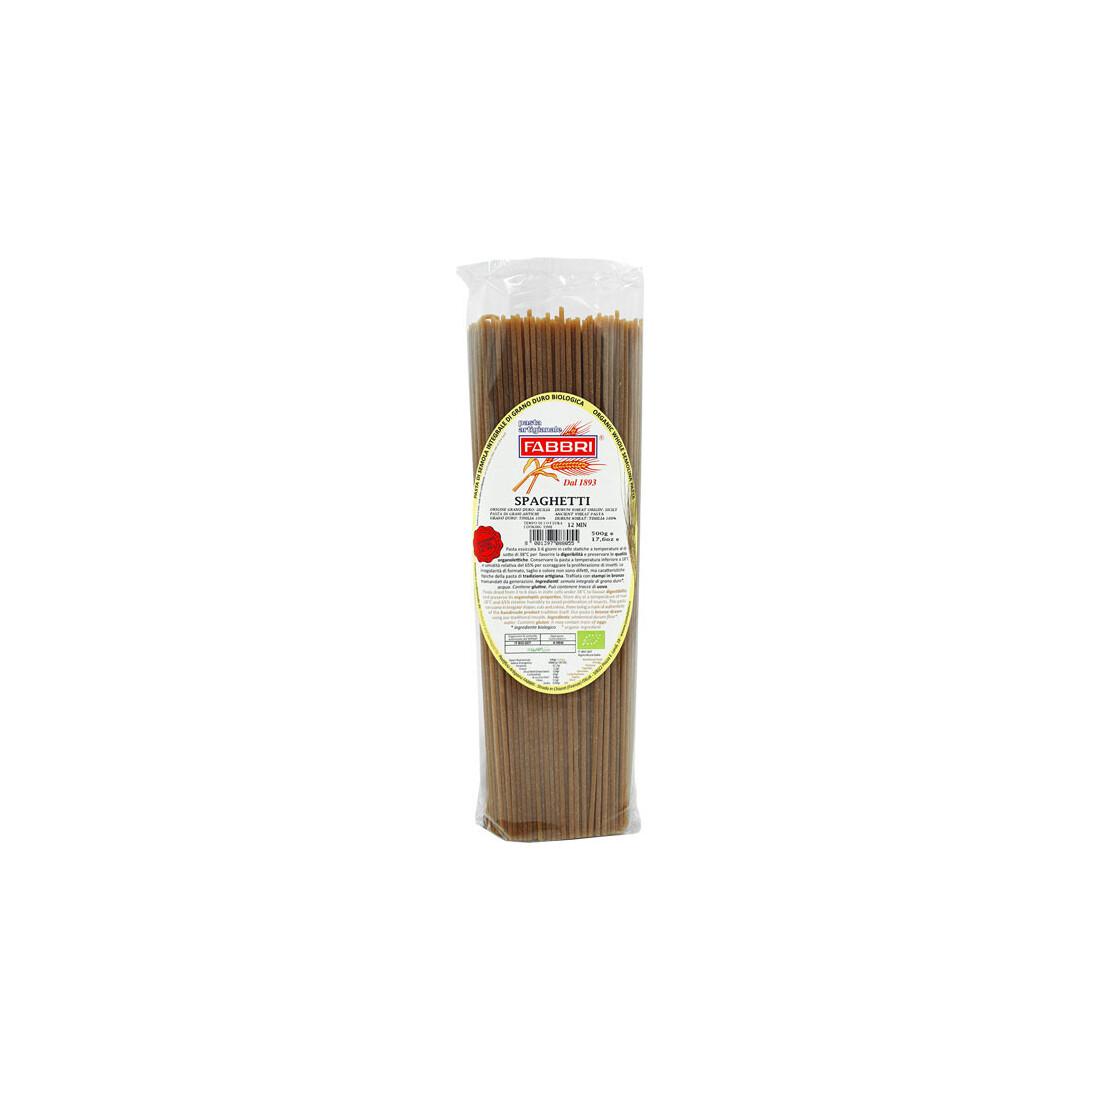 Pasta integrale bio 100% grano timilia 500 gr- Pastificio Artigianale Fabbri